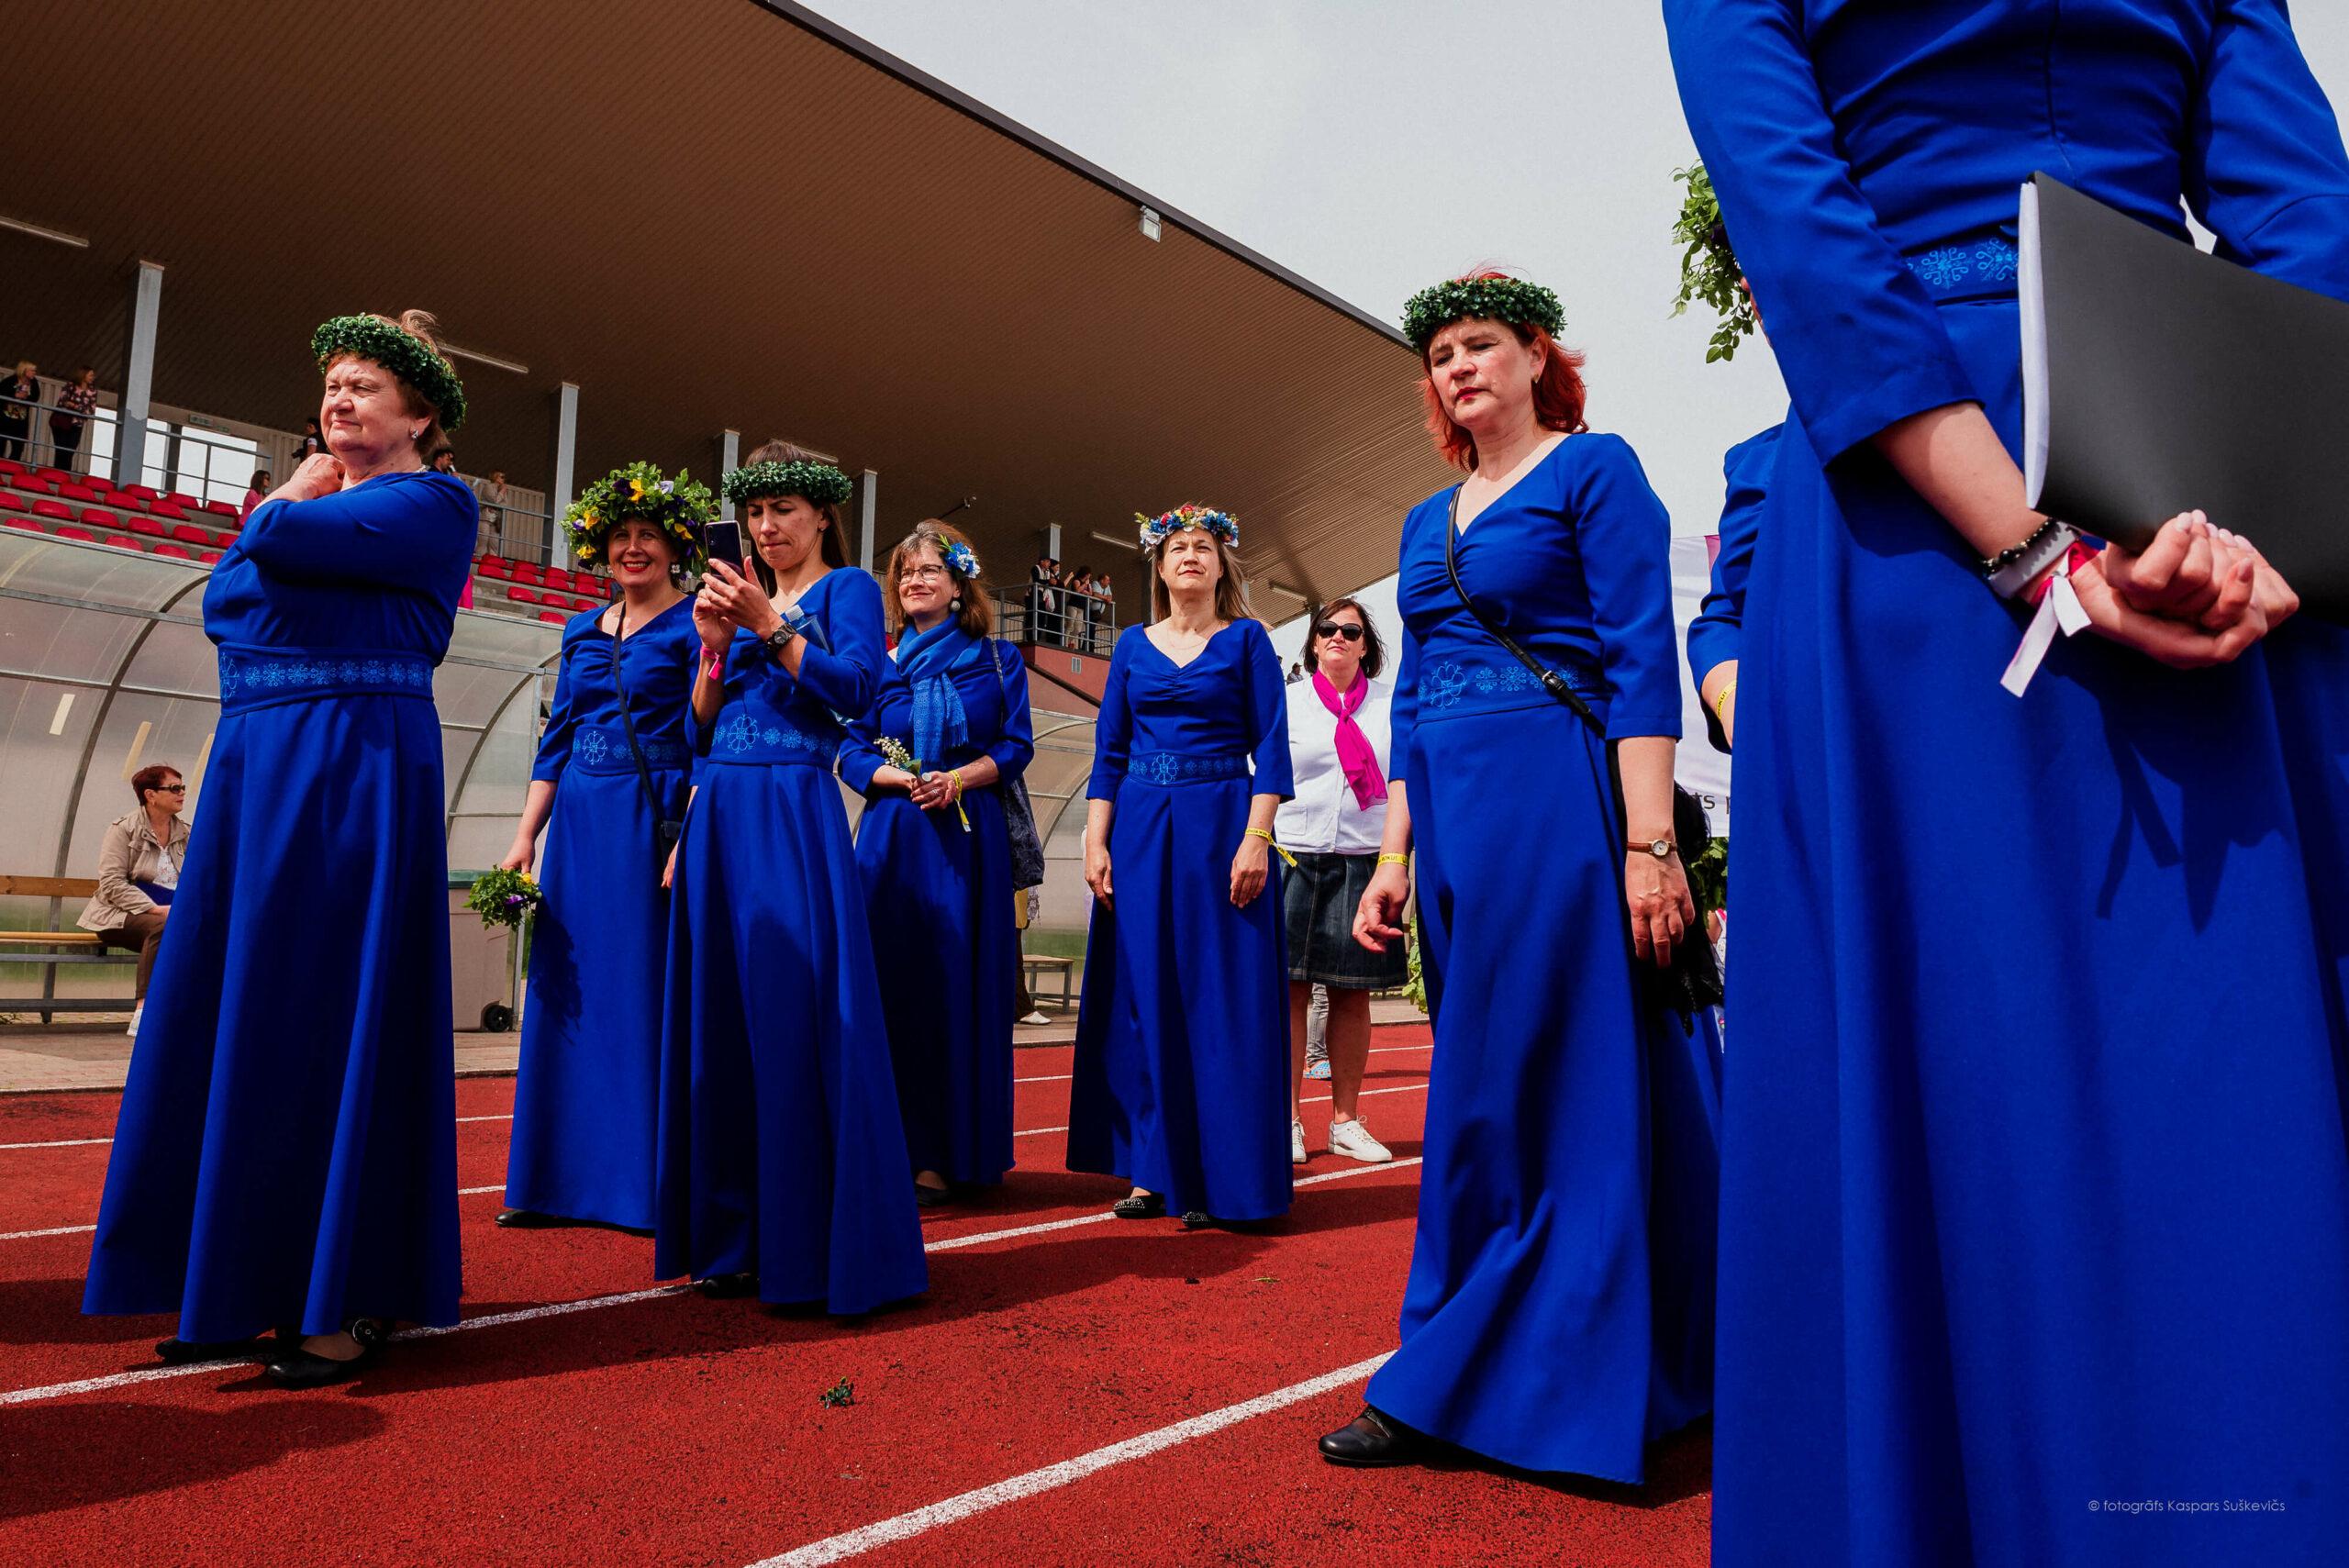 Salaspils Novada svētki 2019 bildēs un sajūtās.